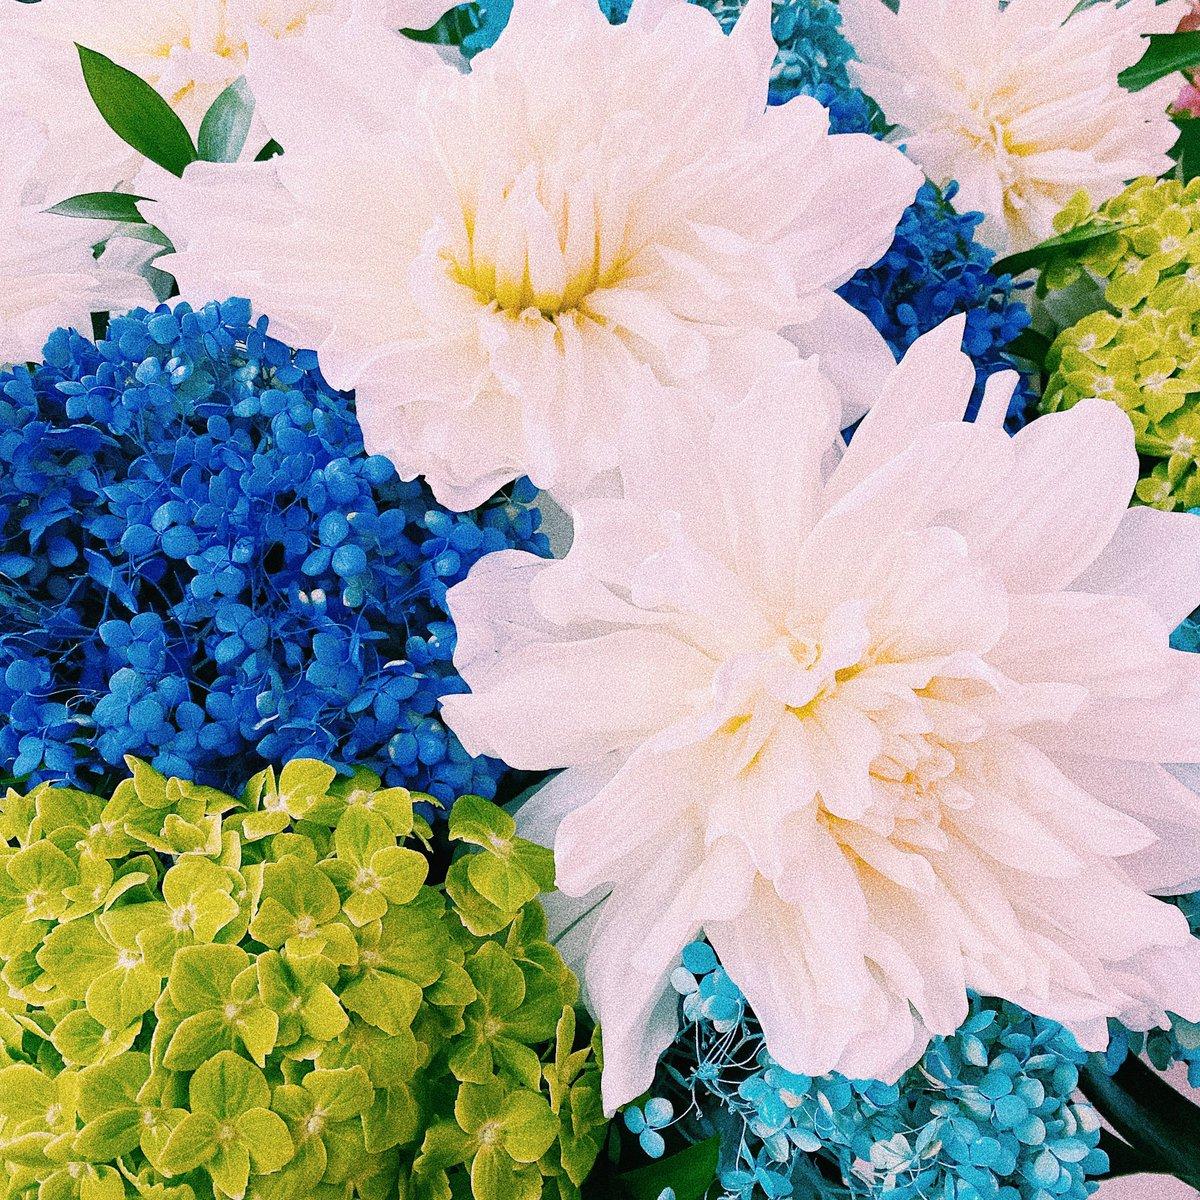 米津玄師 2020 TOUR / HYPEツアー6本目、横浜アリーナです。外は曇り空ですが、皆で会場に素敵な花を咲かせる事が出来ますよう。ご来場の皆様宜しくお願い致します。